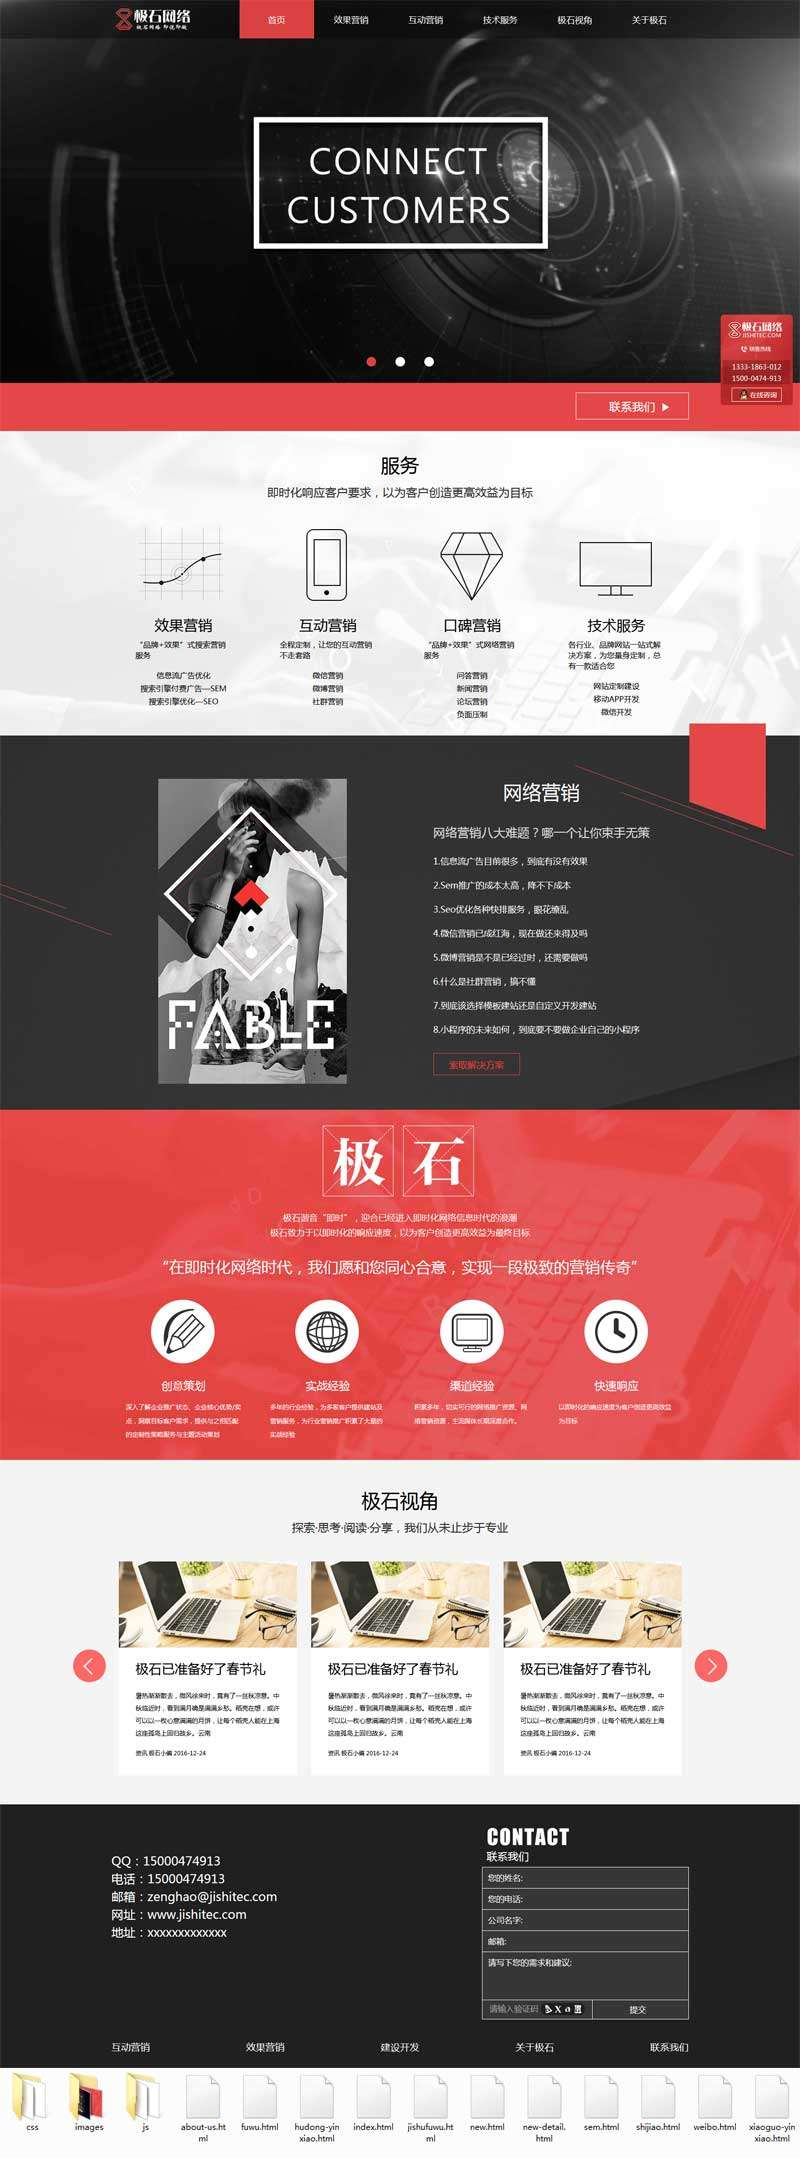 响应式的网络营销公司官网html模板